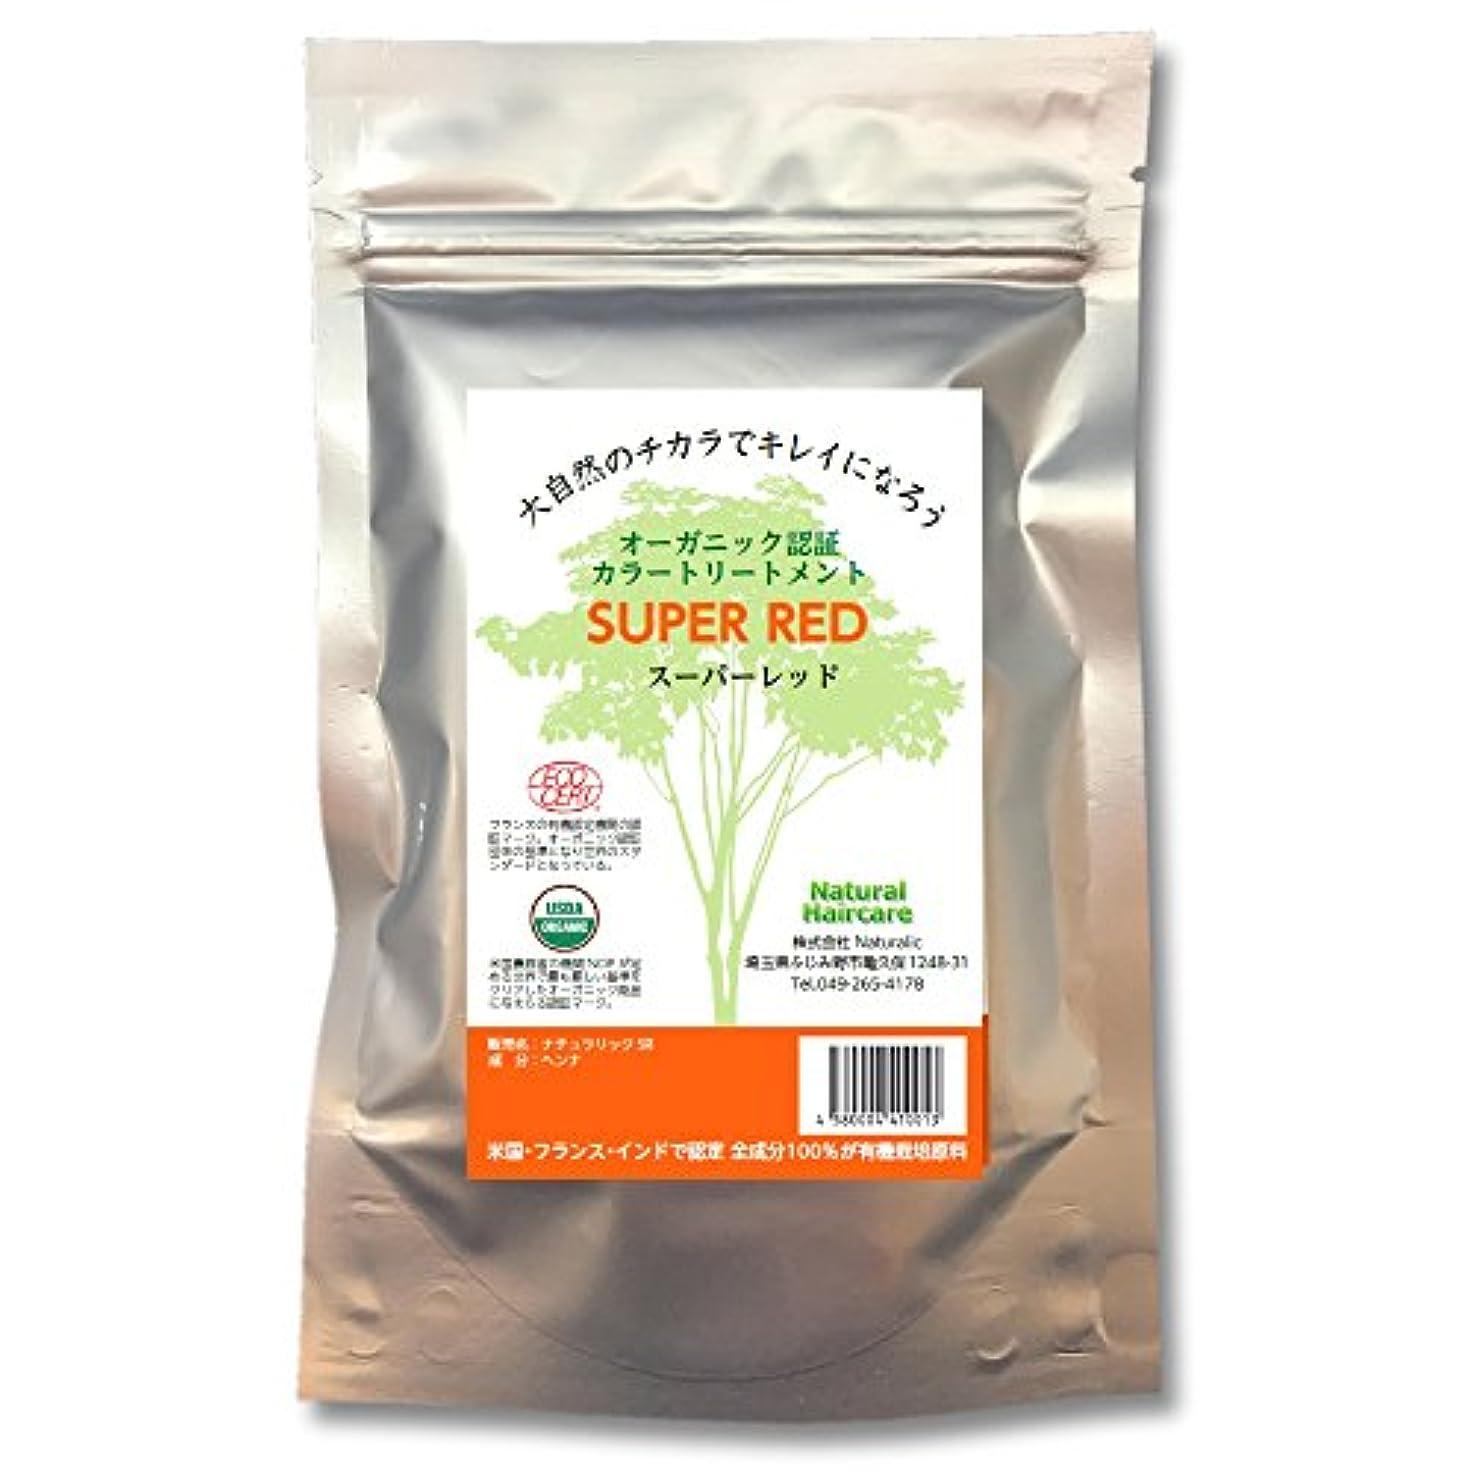 有用モナリザ竜巻ナチュラルヘアケア スーパーレッド 世界3カ国オーガニック機関認証済み 100%天然植物 ヘナ 濃いオレンジ色